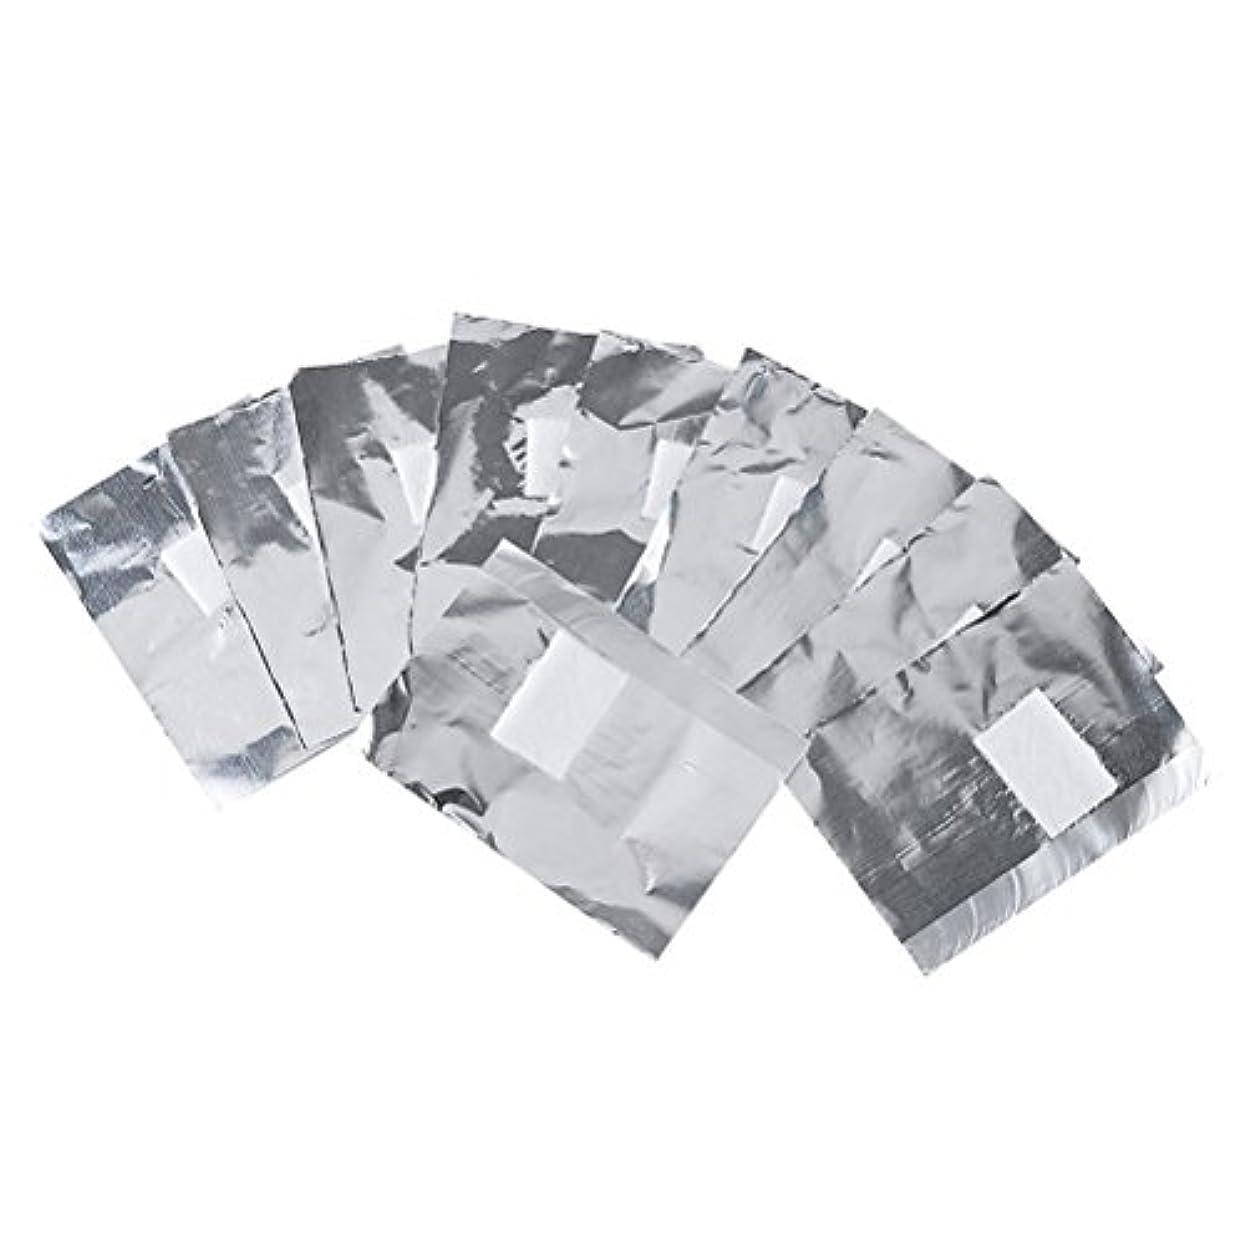 に渡って不屈誇張Frcolor ネイルオフ ジェルオフリムーバー アクリルUVジェル ネイルポリッシュをきれいにオフする ジェル 使い捨て コットン付きアルミホイル ネイル用品 キューティクル 200枚